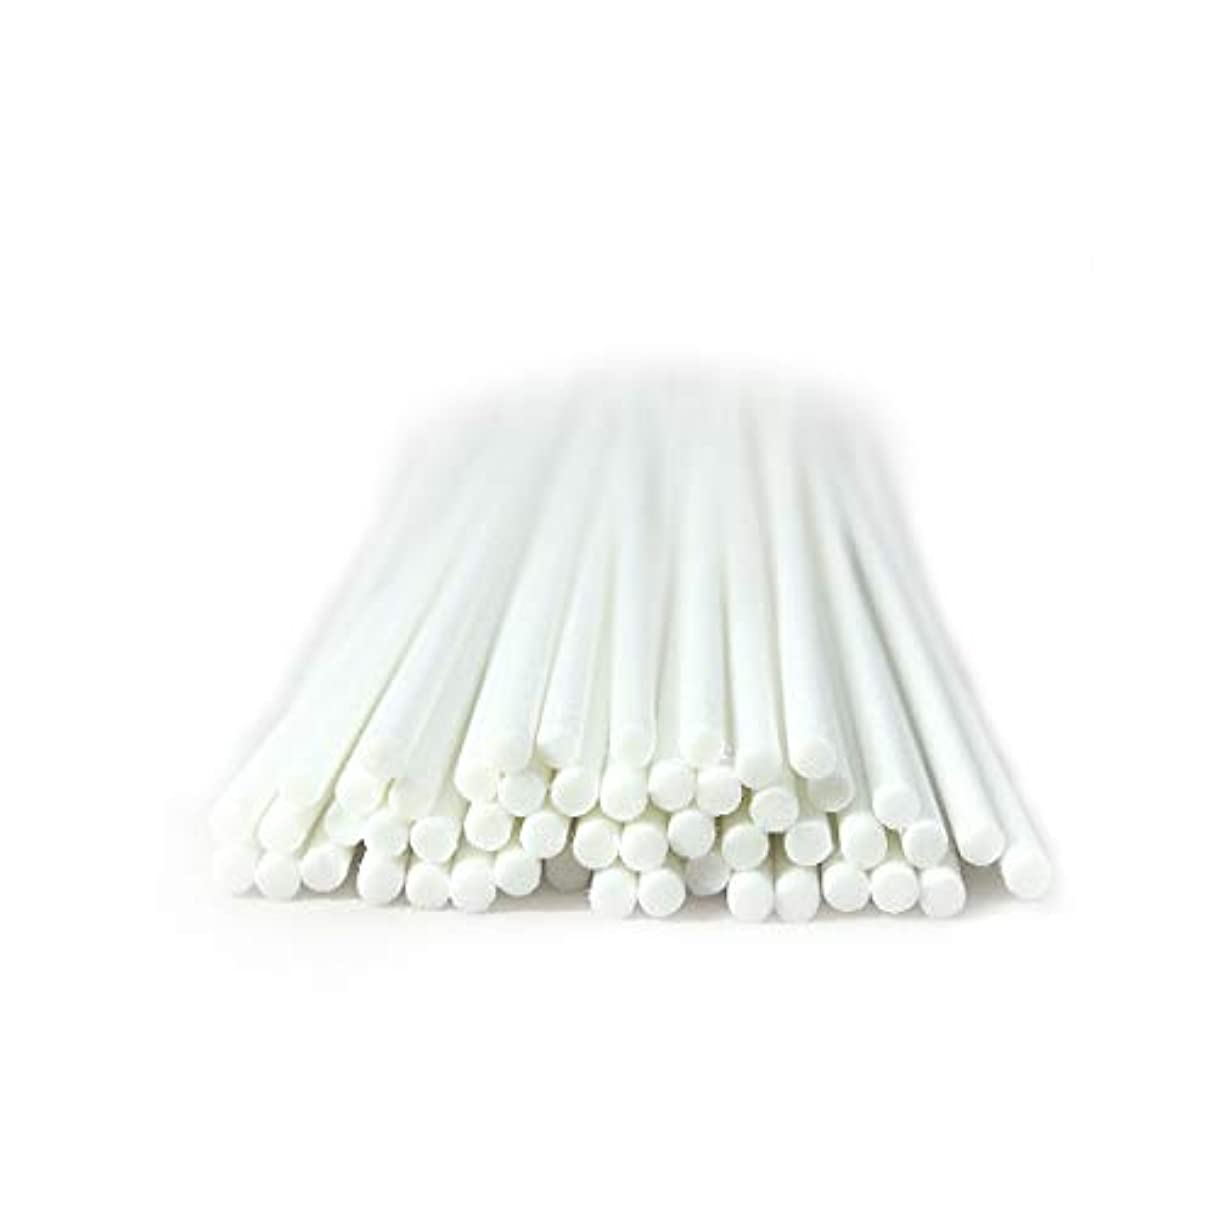 致命的進行中レクリエーション家の芳香のための50本 セット繊維のリードの拡散器の棒 (20cm*3mm, 白)